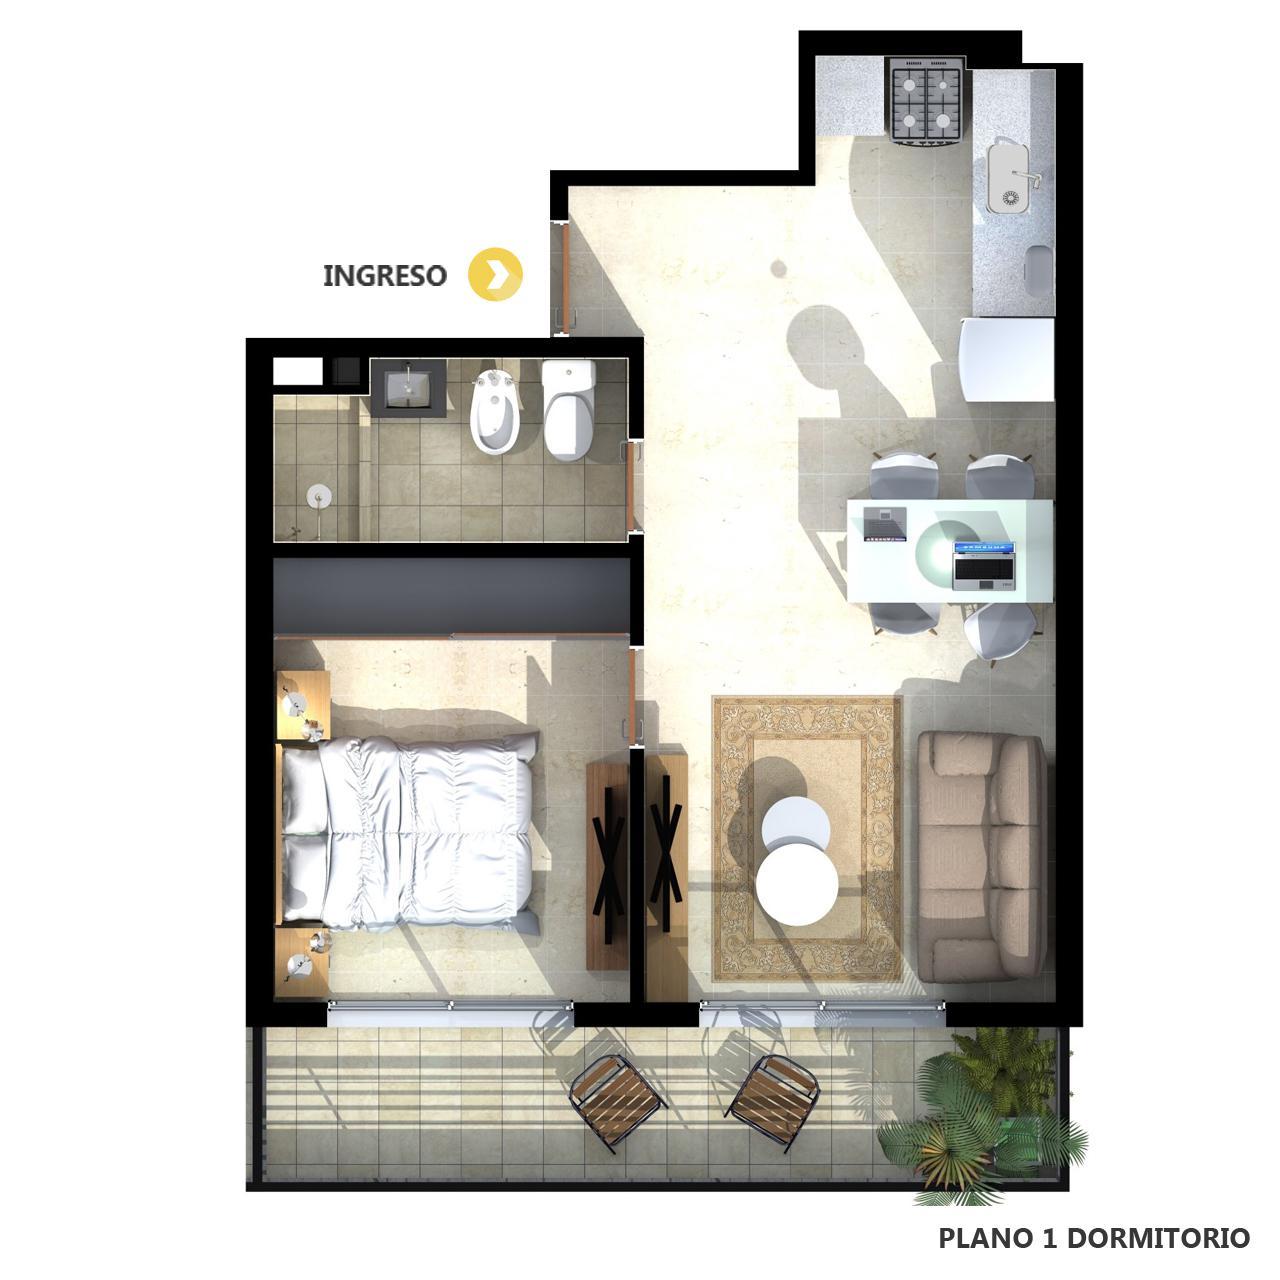 Venta departamento 1 dormitorio Rosario, Parque España. Cod CBU12472 AP2199438. Crestale Propiedades